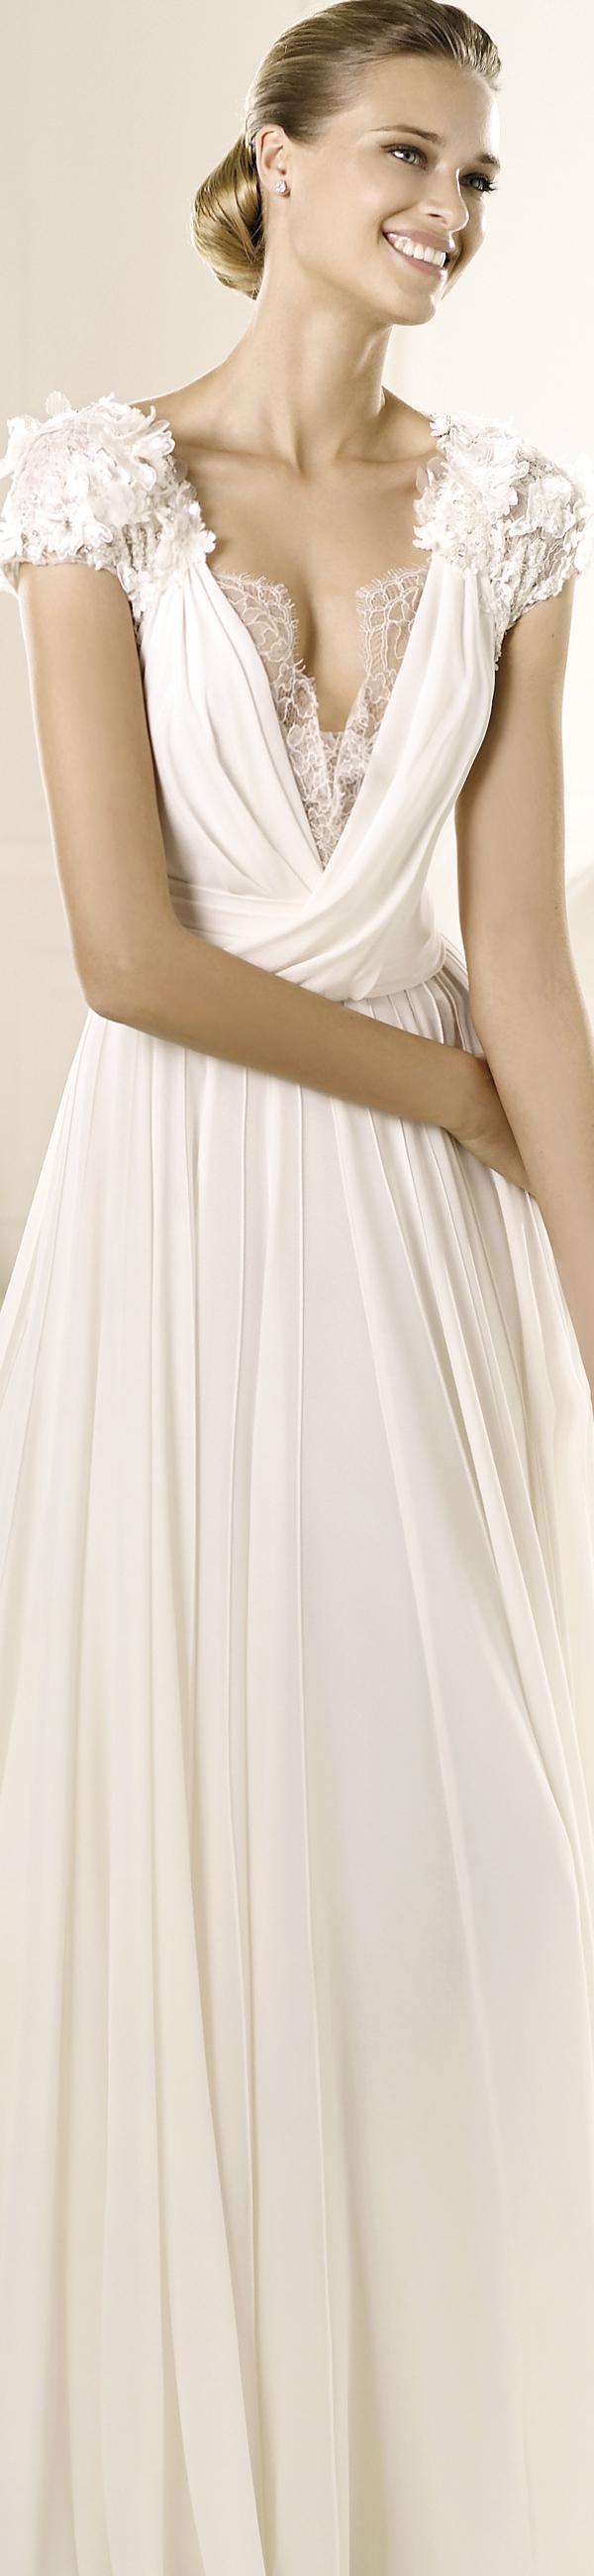 Elie by elie saab wedding dress